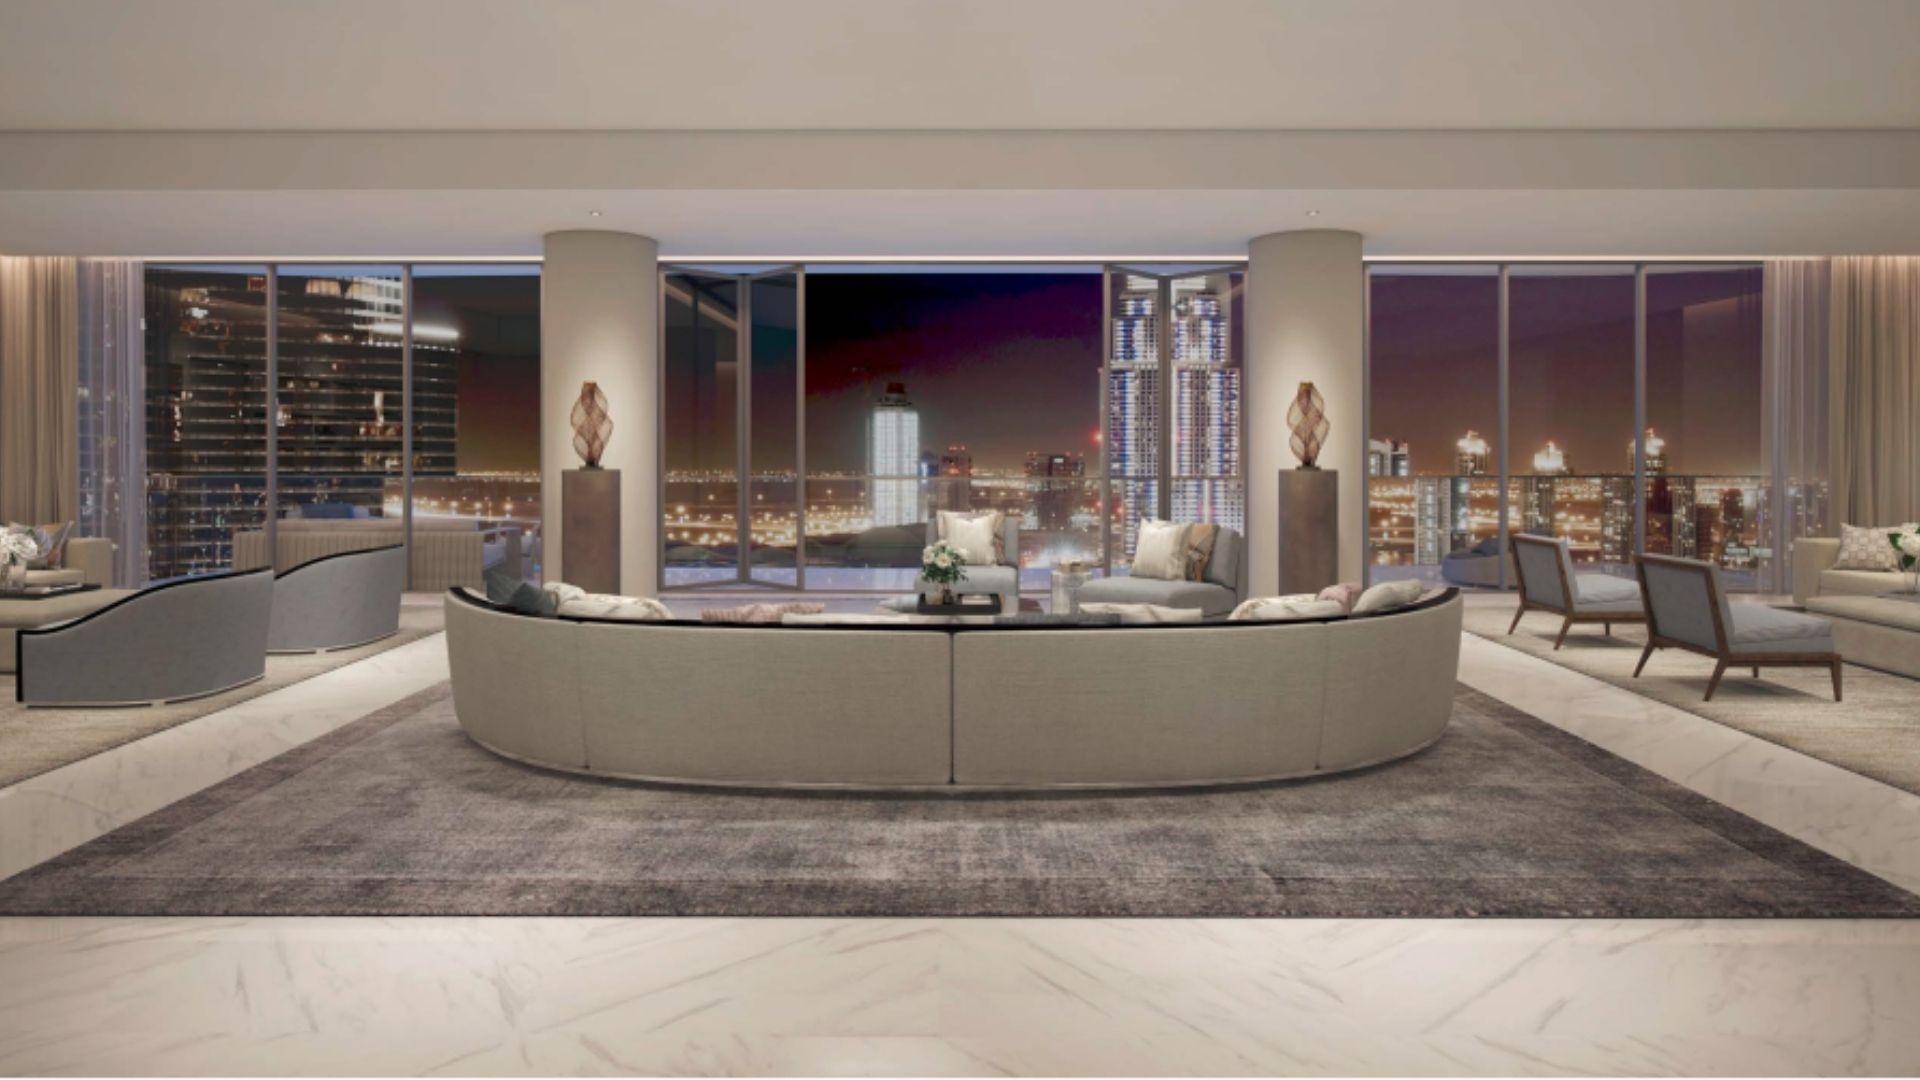 3 - Живите как члены королевской семьи в этих удивительных роскошных домах в Дубае